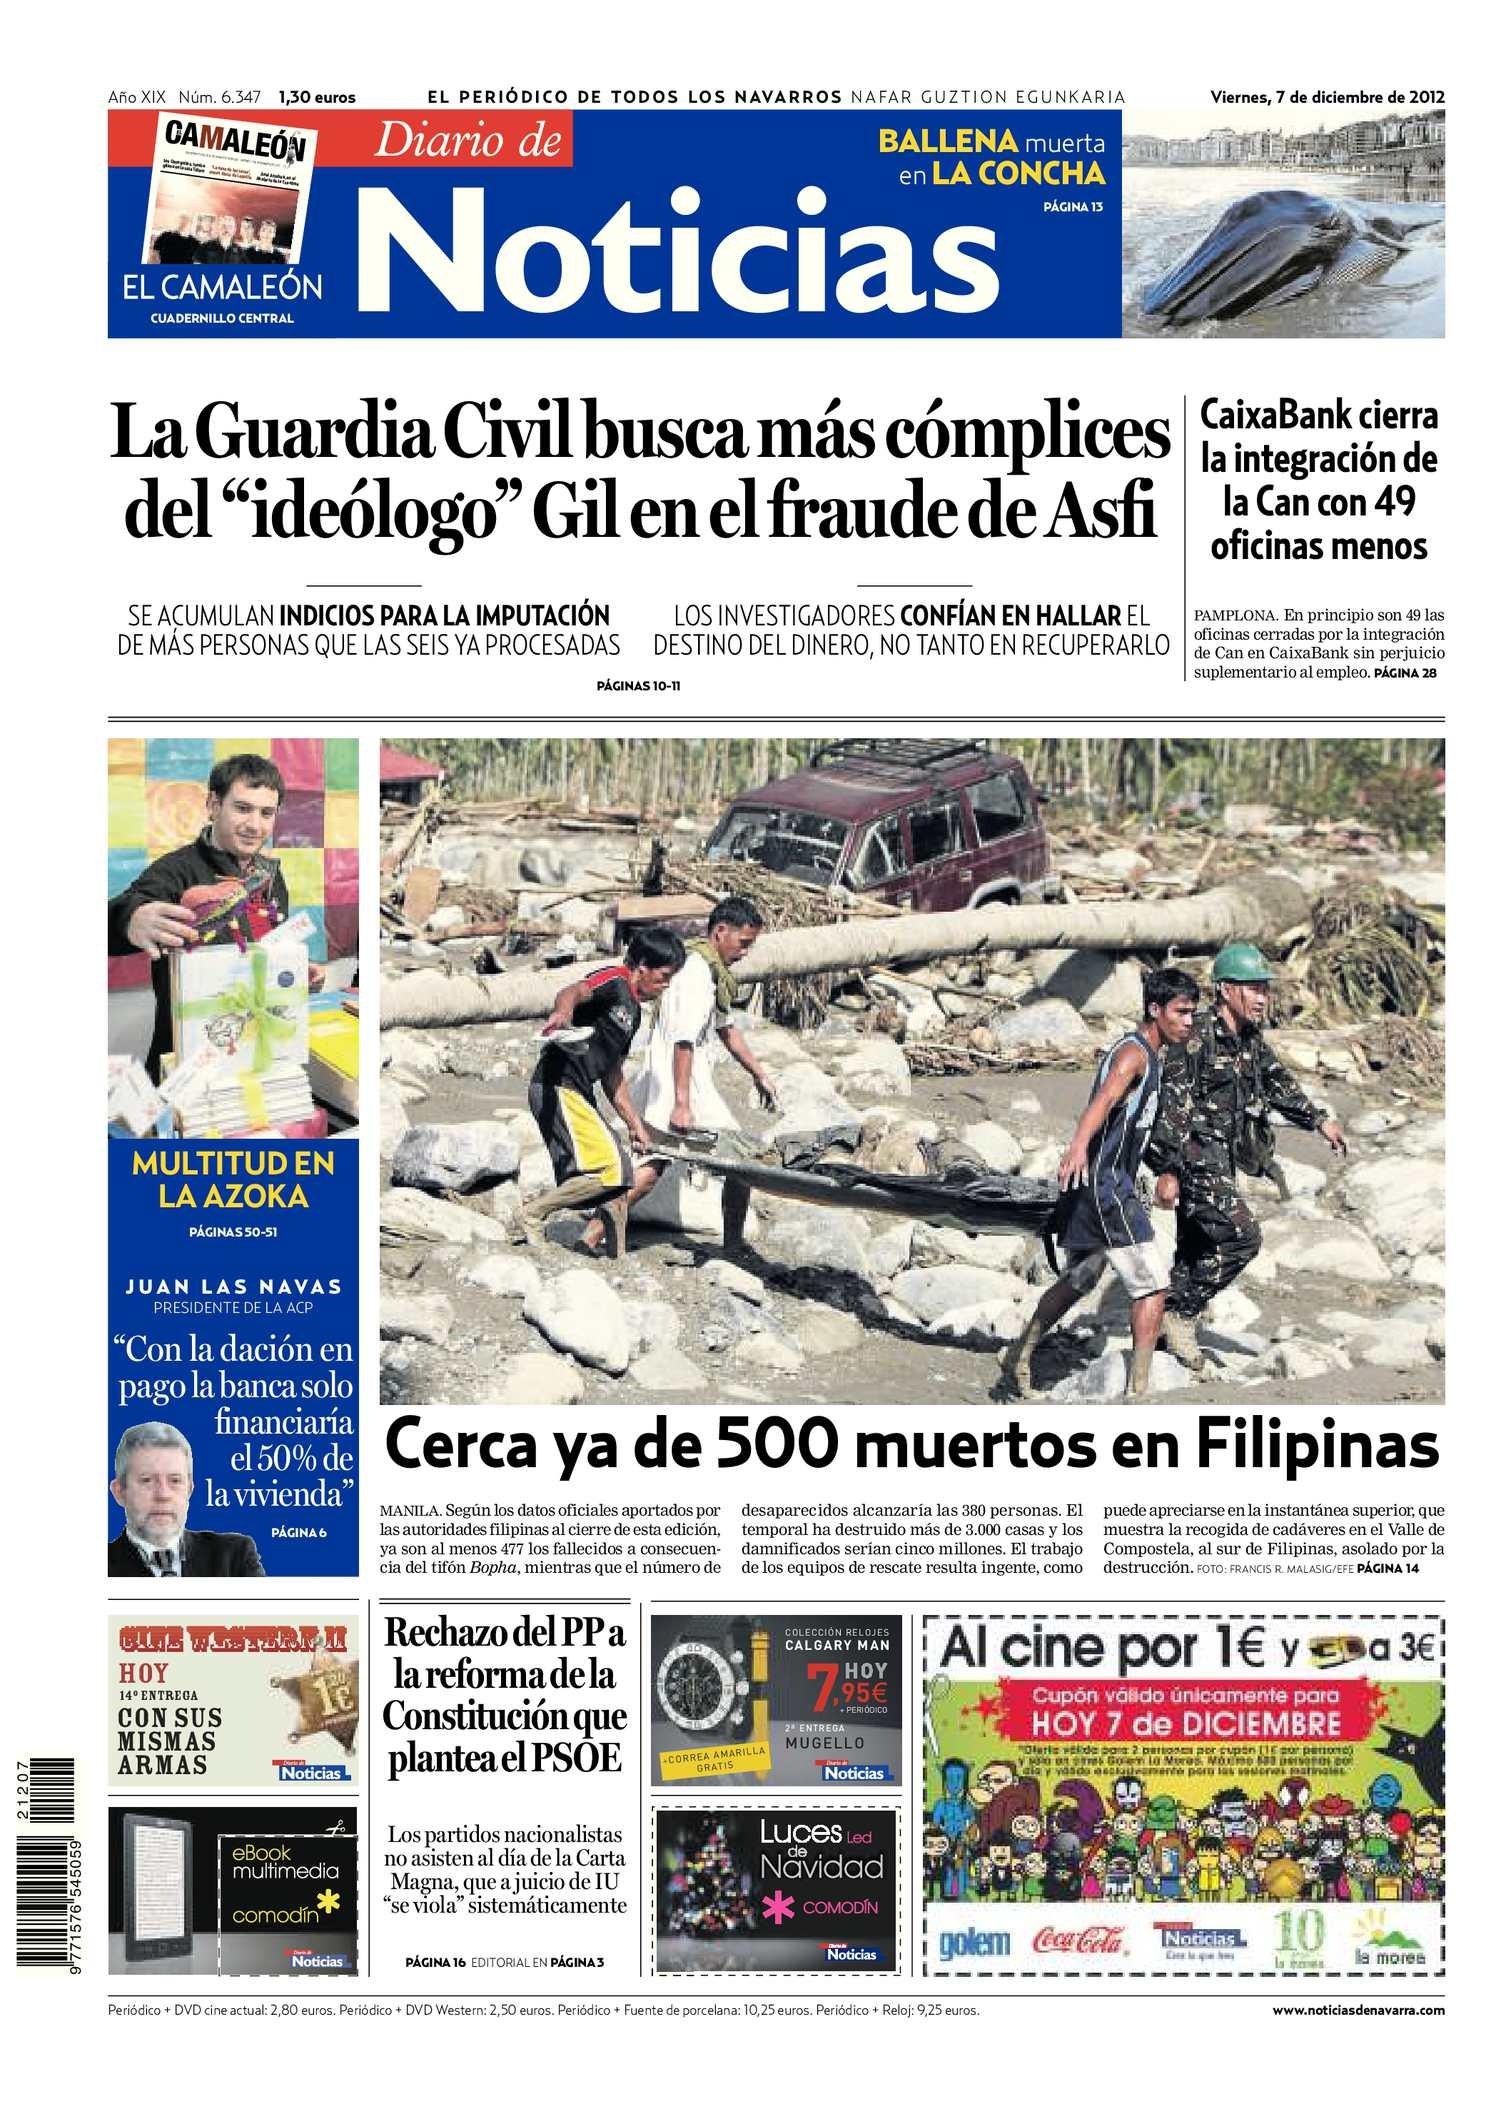 Nos Masturvamos En El Sofa Porno Casero calaméo - diario de noticias 20121207